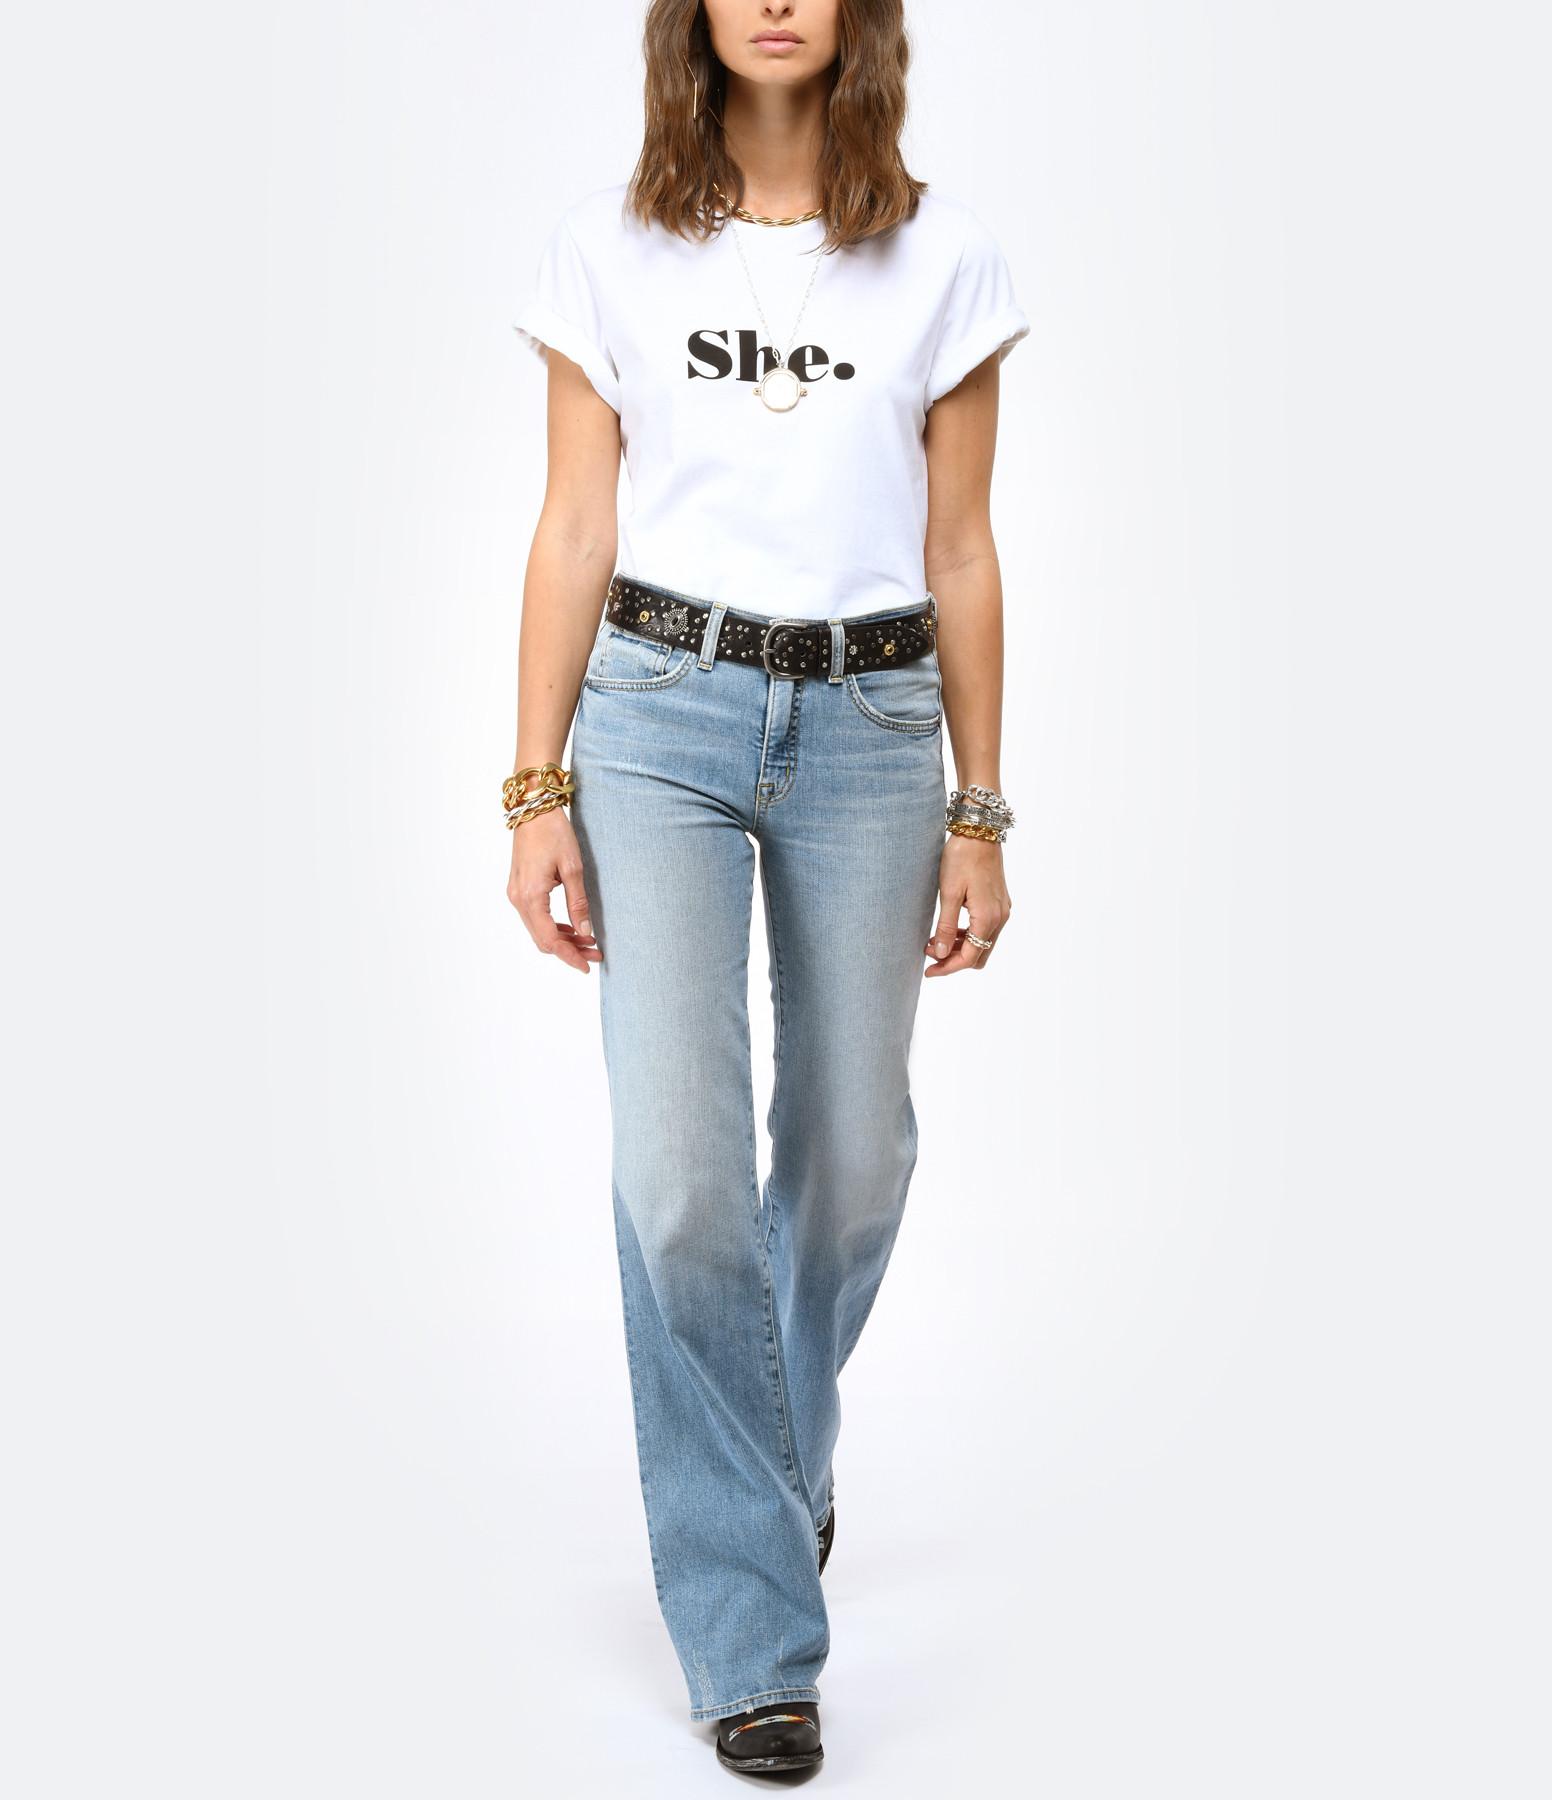 JEANNE VOULAND - Tee-shirt Fabio Elle et Lui Coton Biologique Blanc